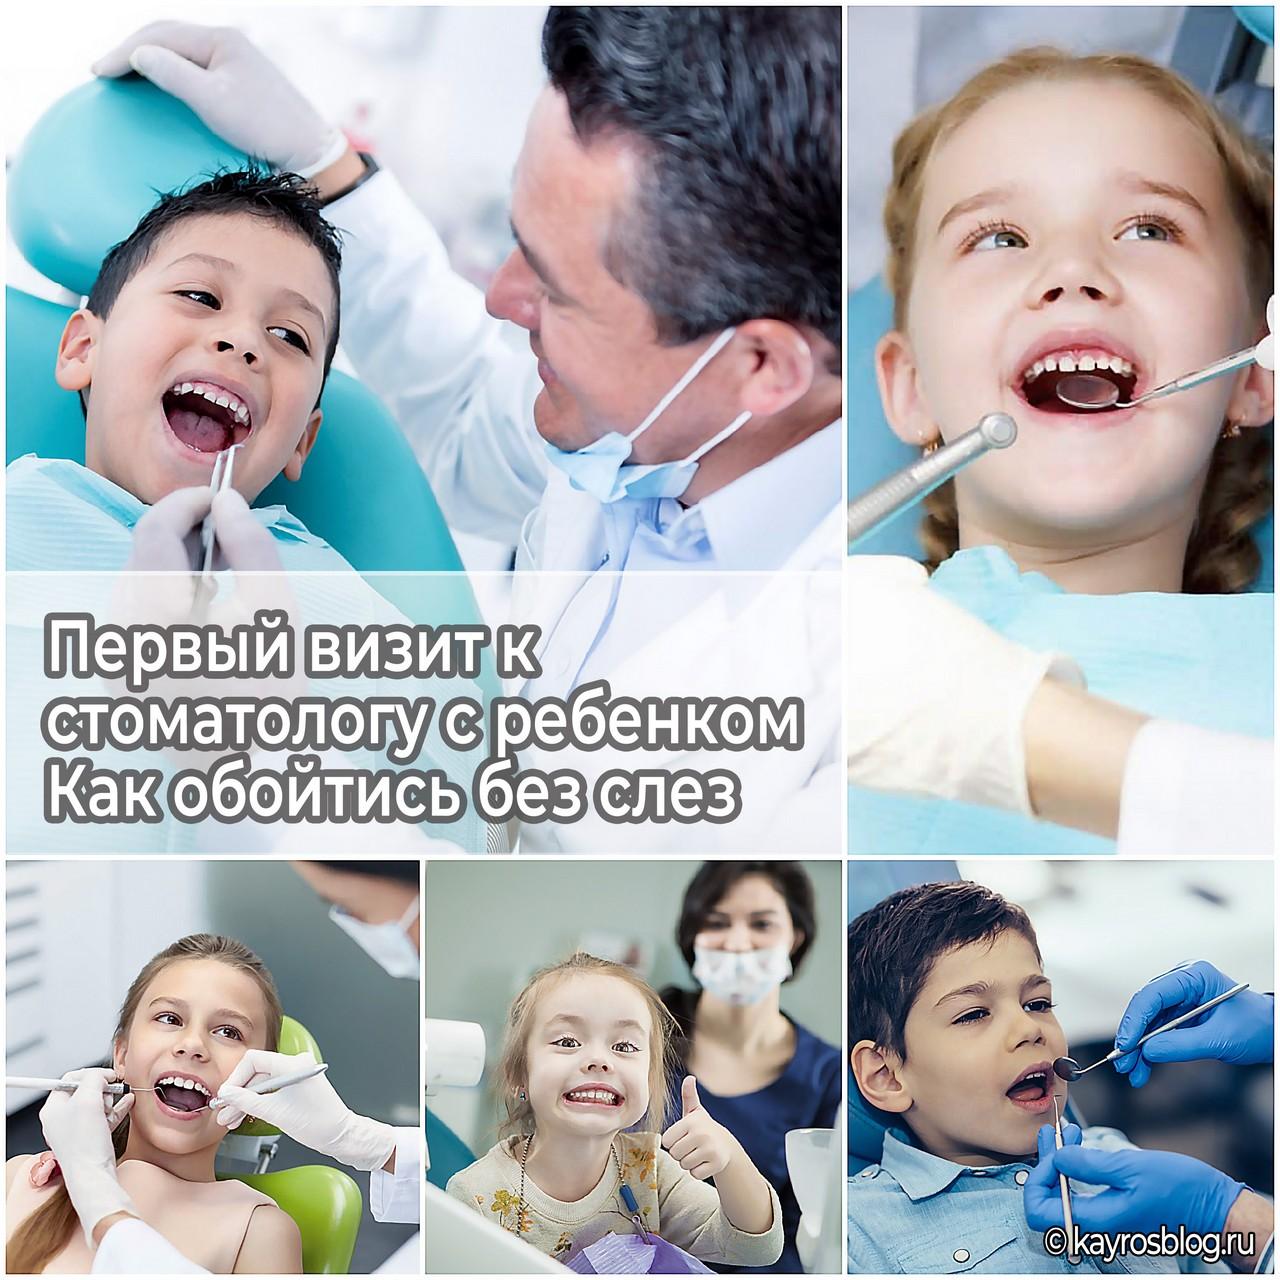 Первый визит к стоматологу с ребенком - как обойтись без слез